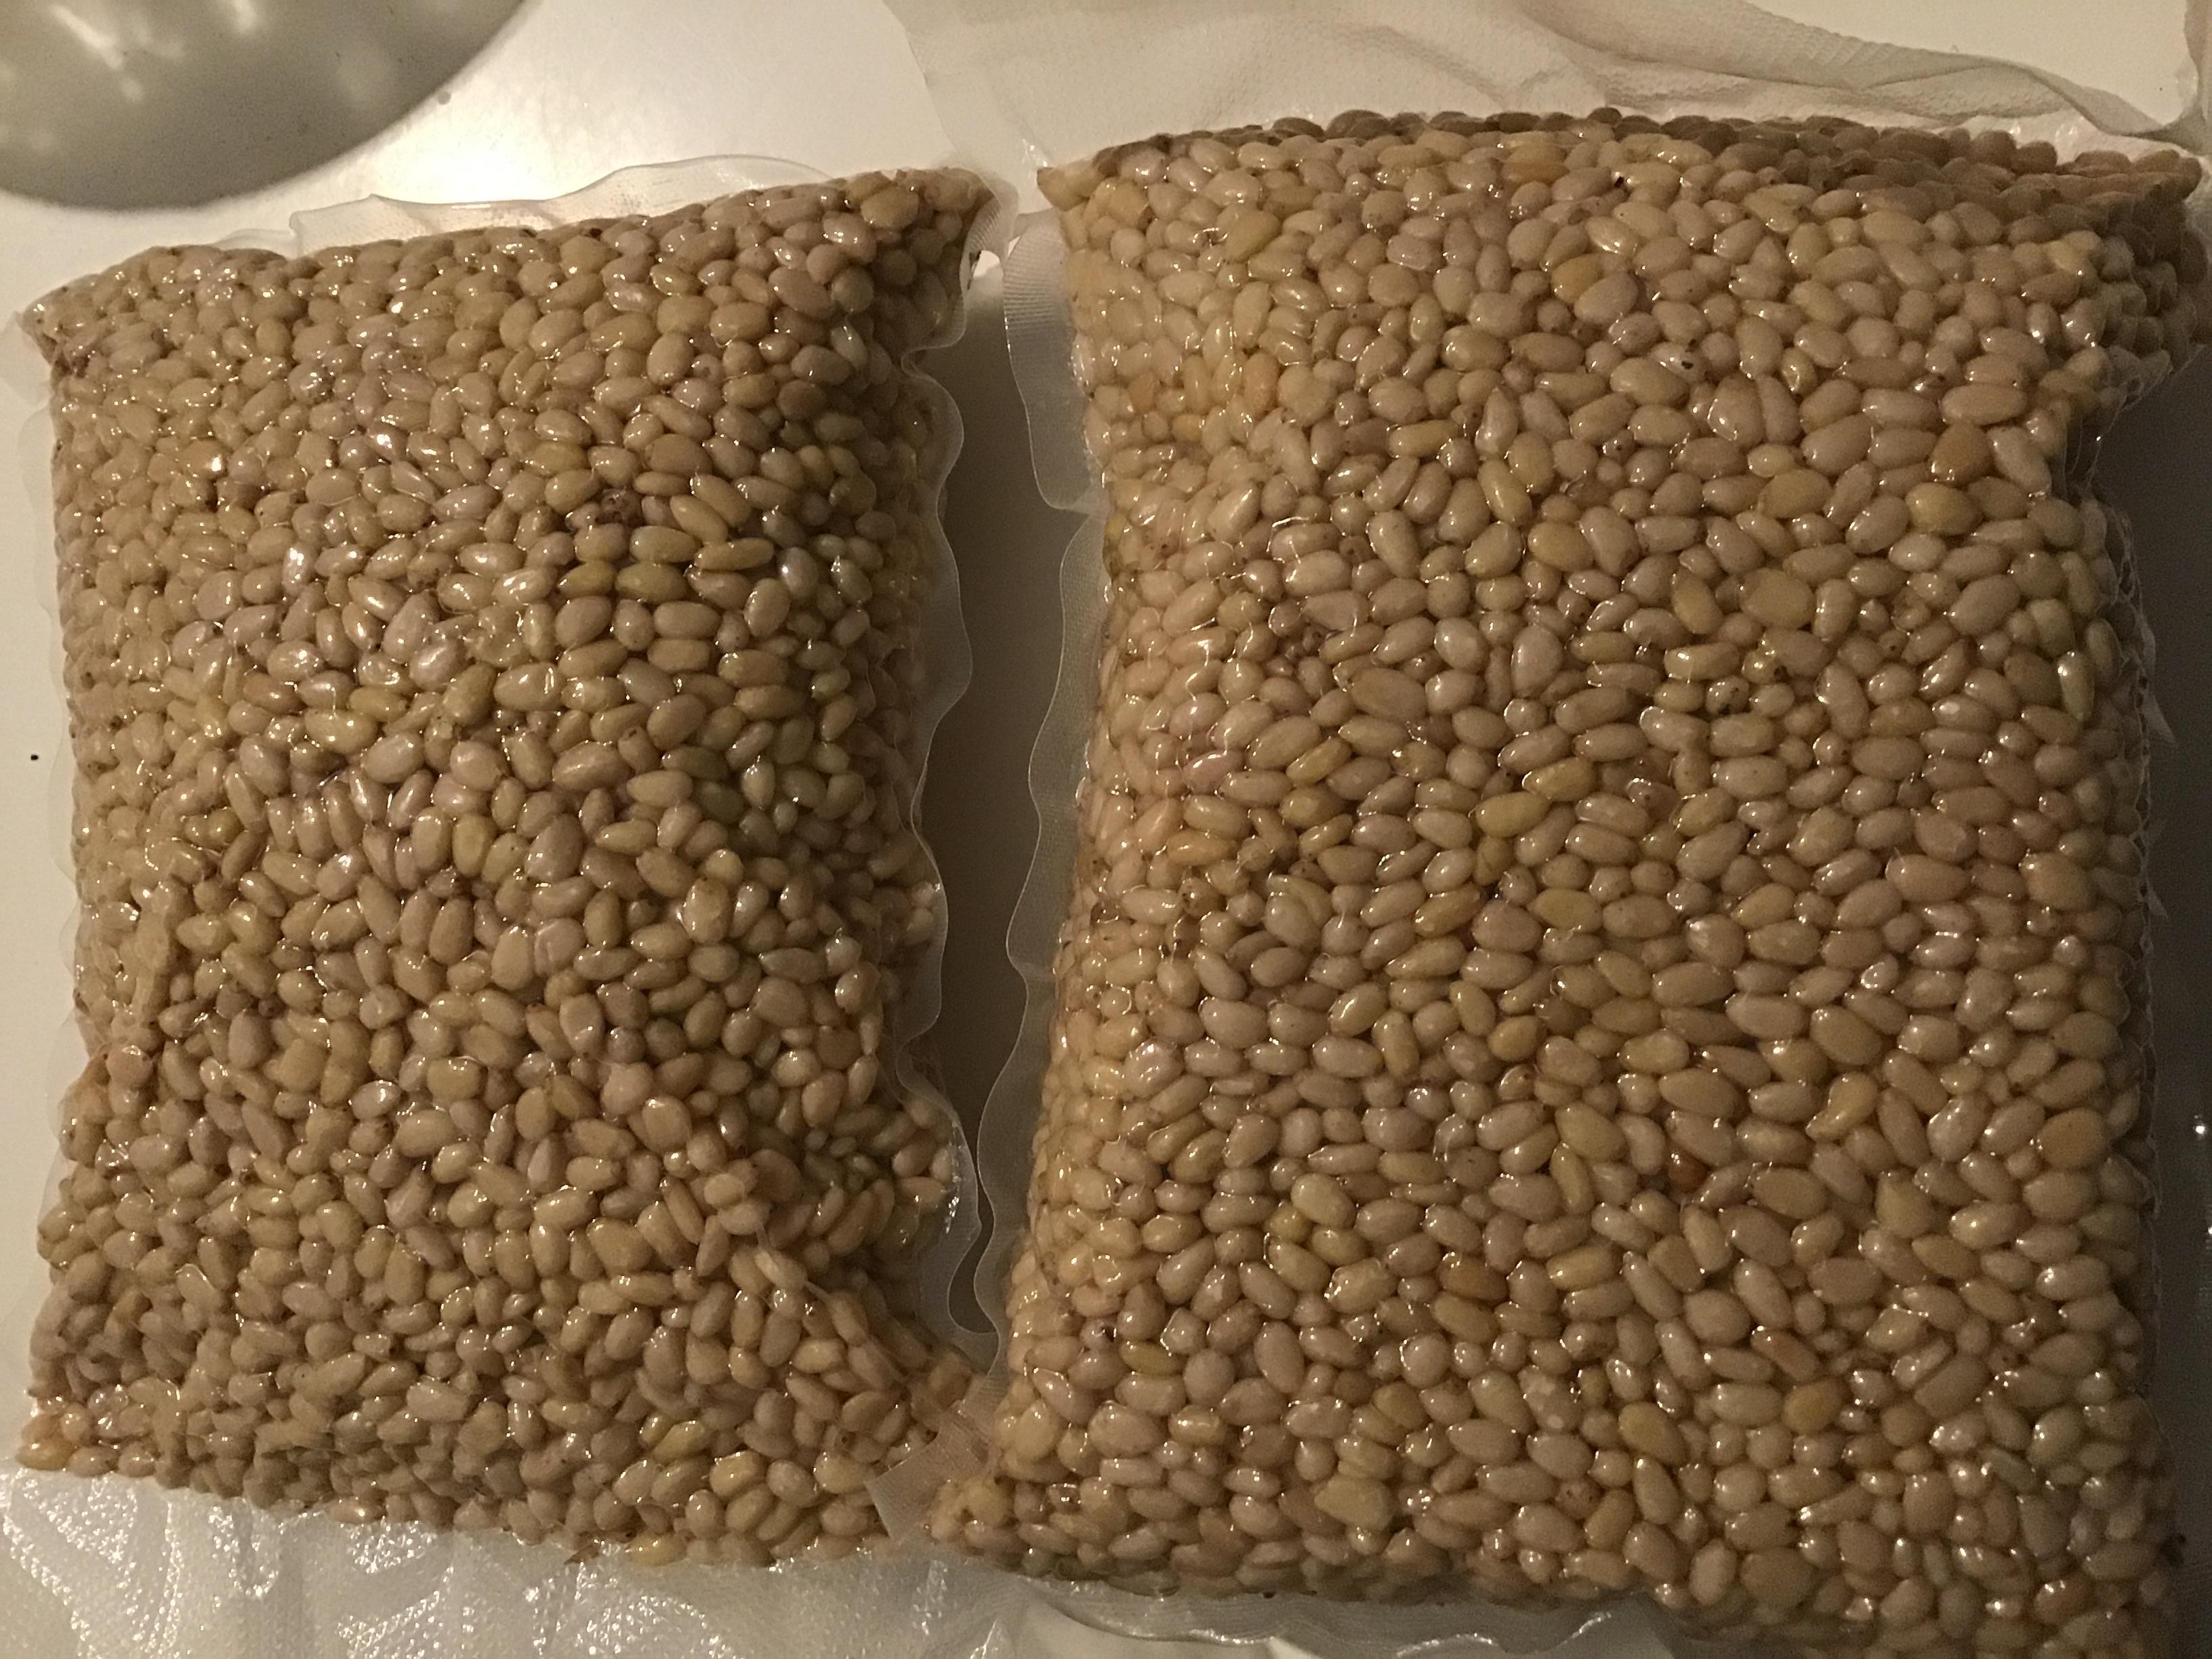 Çam Fıstığı - Üretici Doğa Baharat 275 tl fiyat ile 100 kilogram çam fıstığı  satmak istiyor